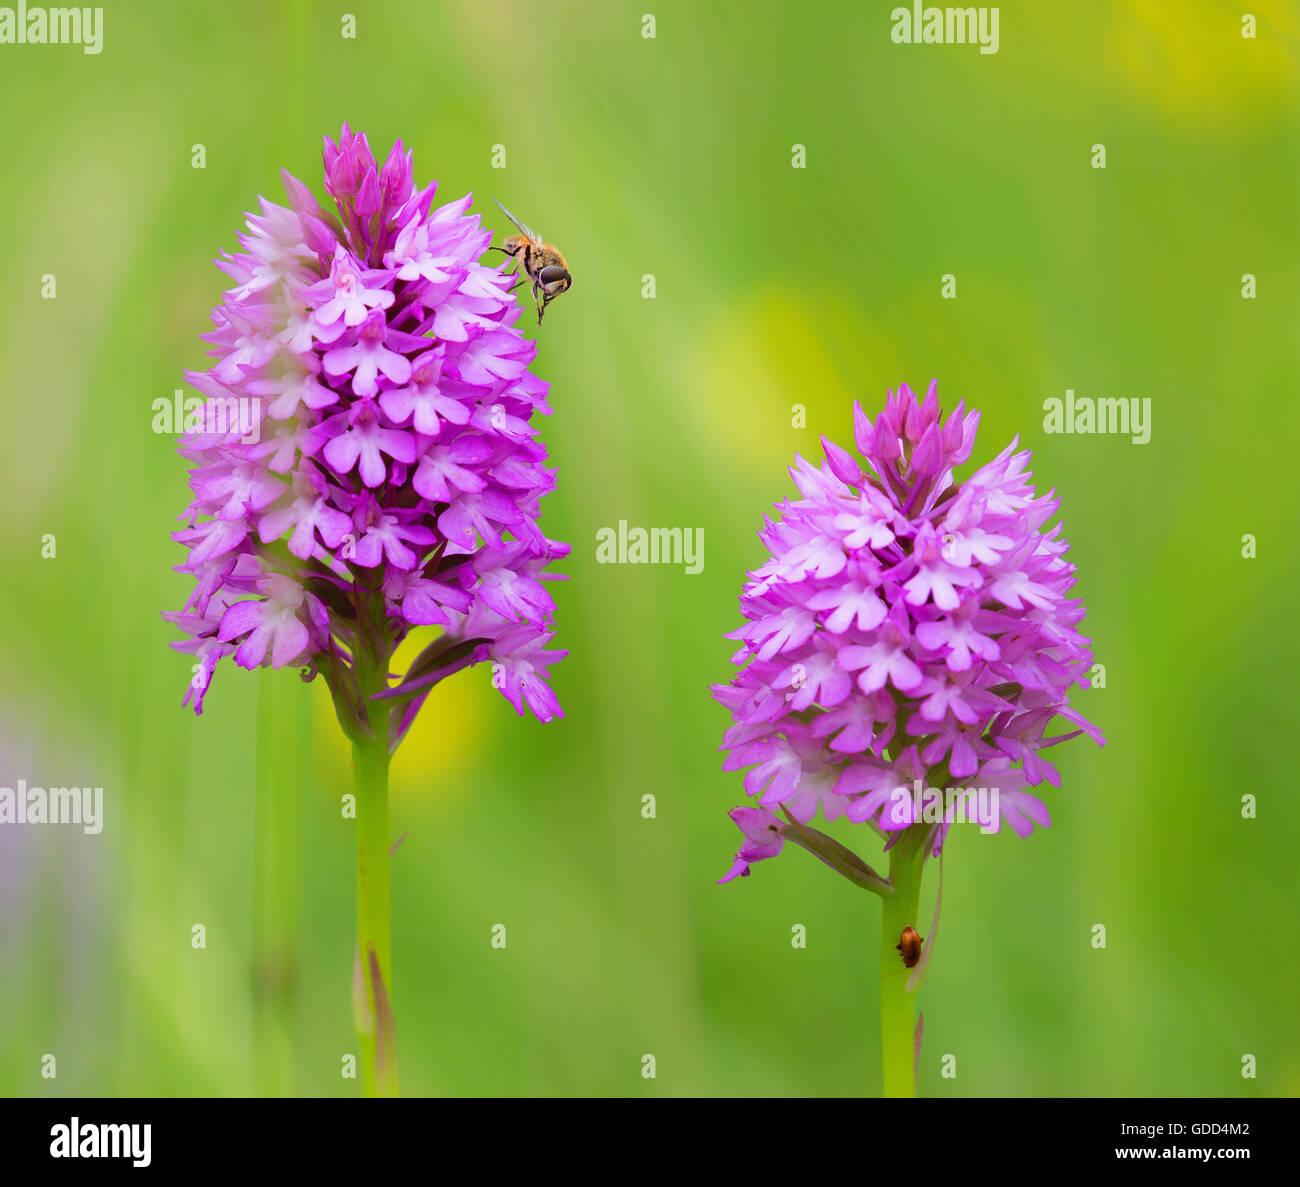 Paar pyramidale Orchideen Anacamptis Pyramidalis mit Besuch schweben fliegen Stockbild